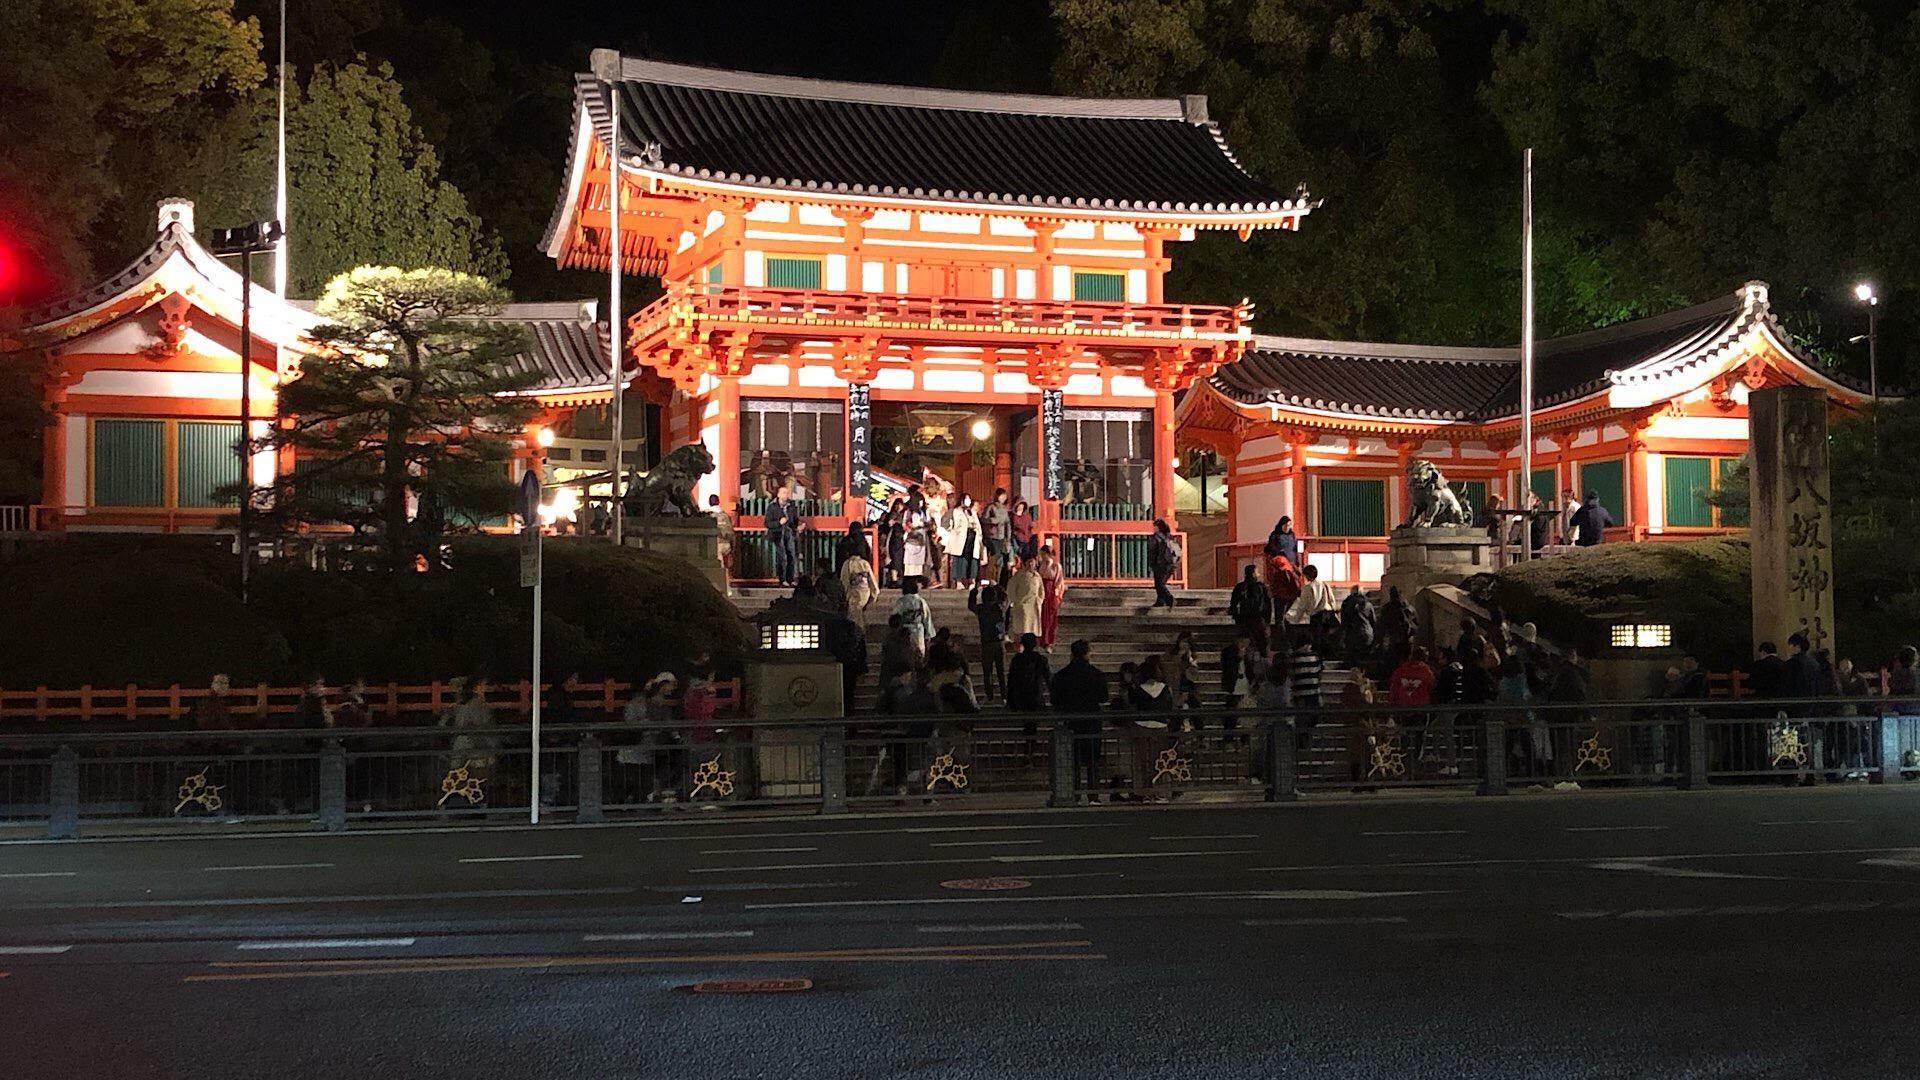 Beleuchteter Tempel in Kyoto